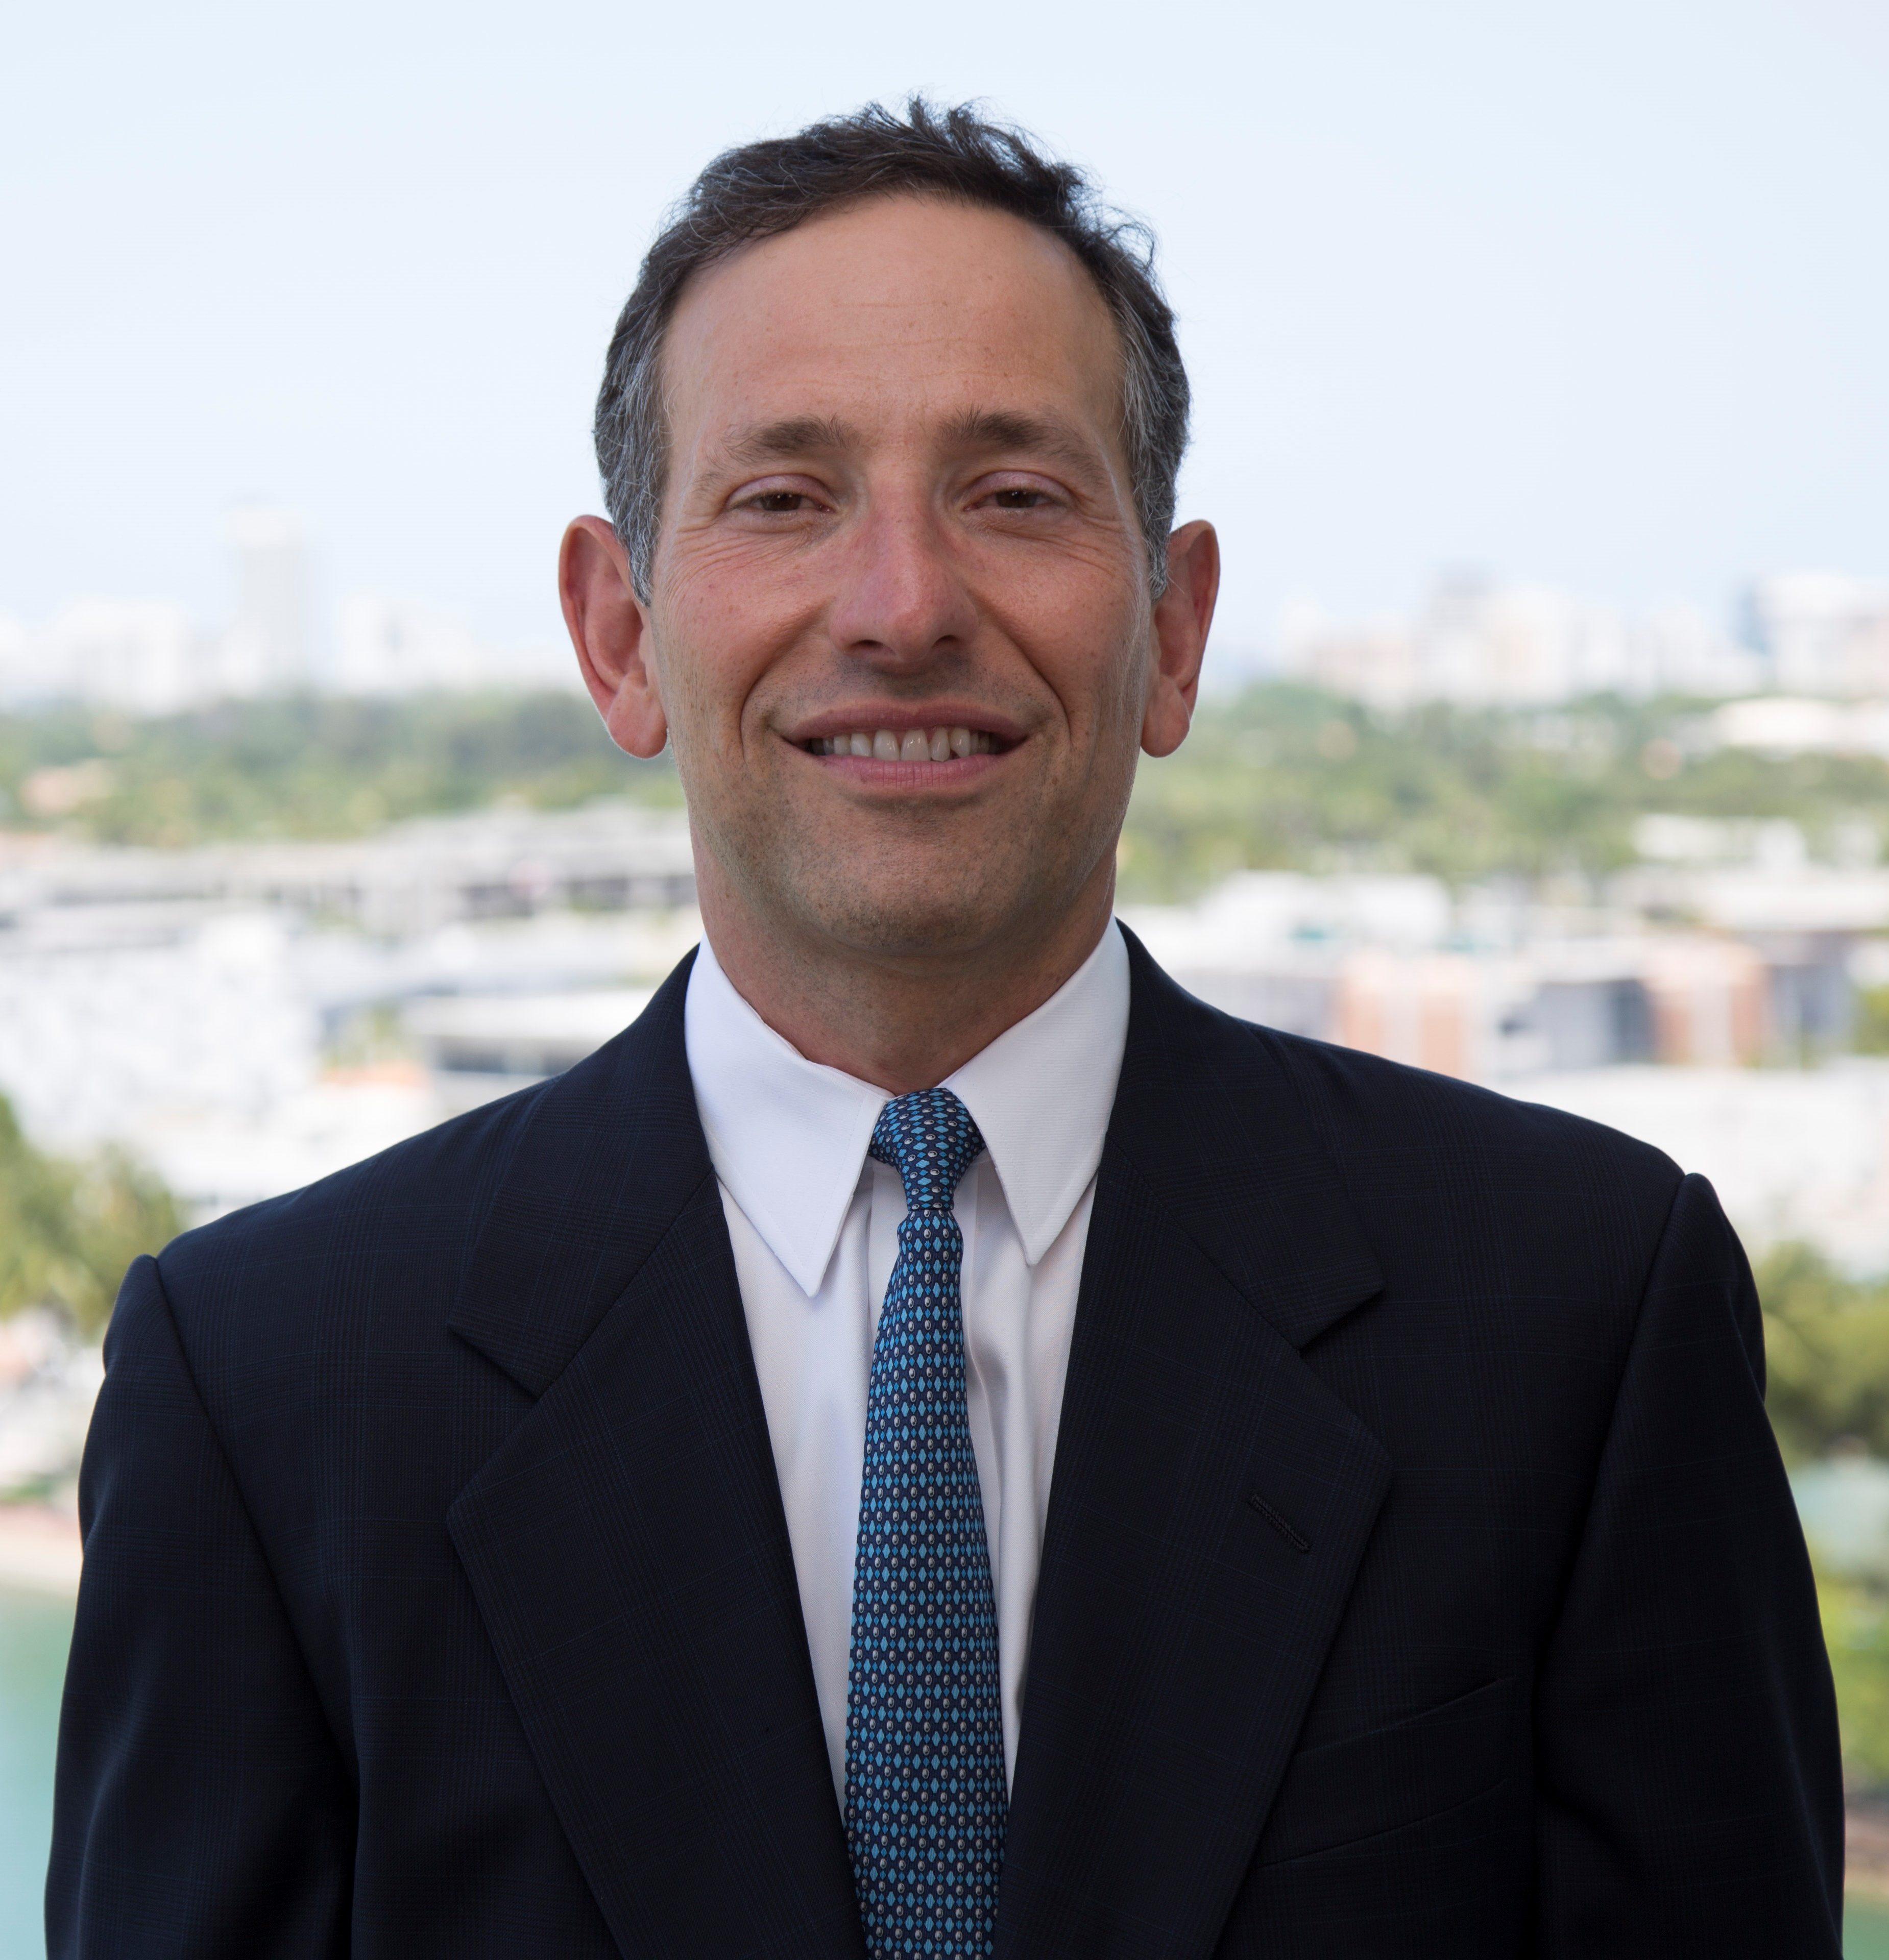 Mark Samuelian